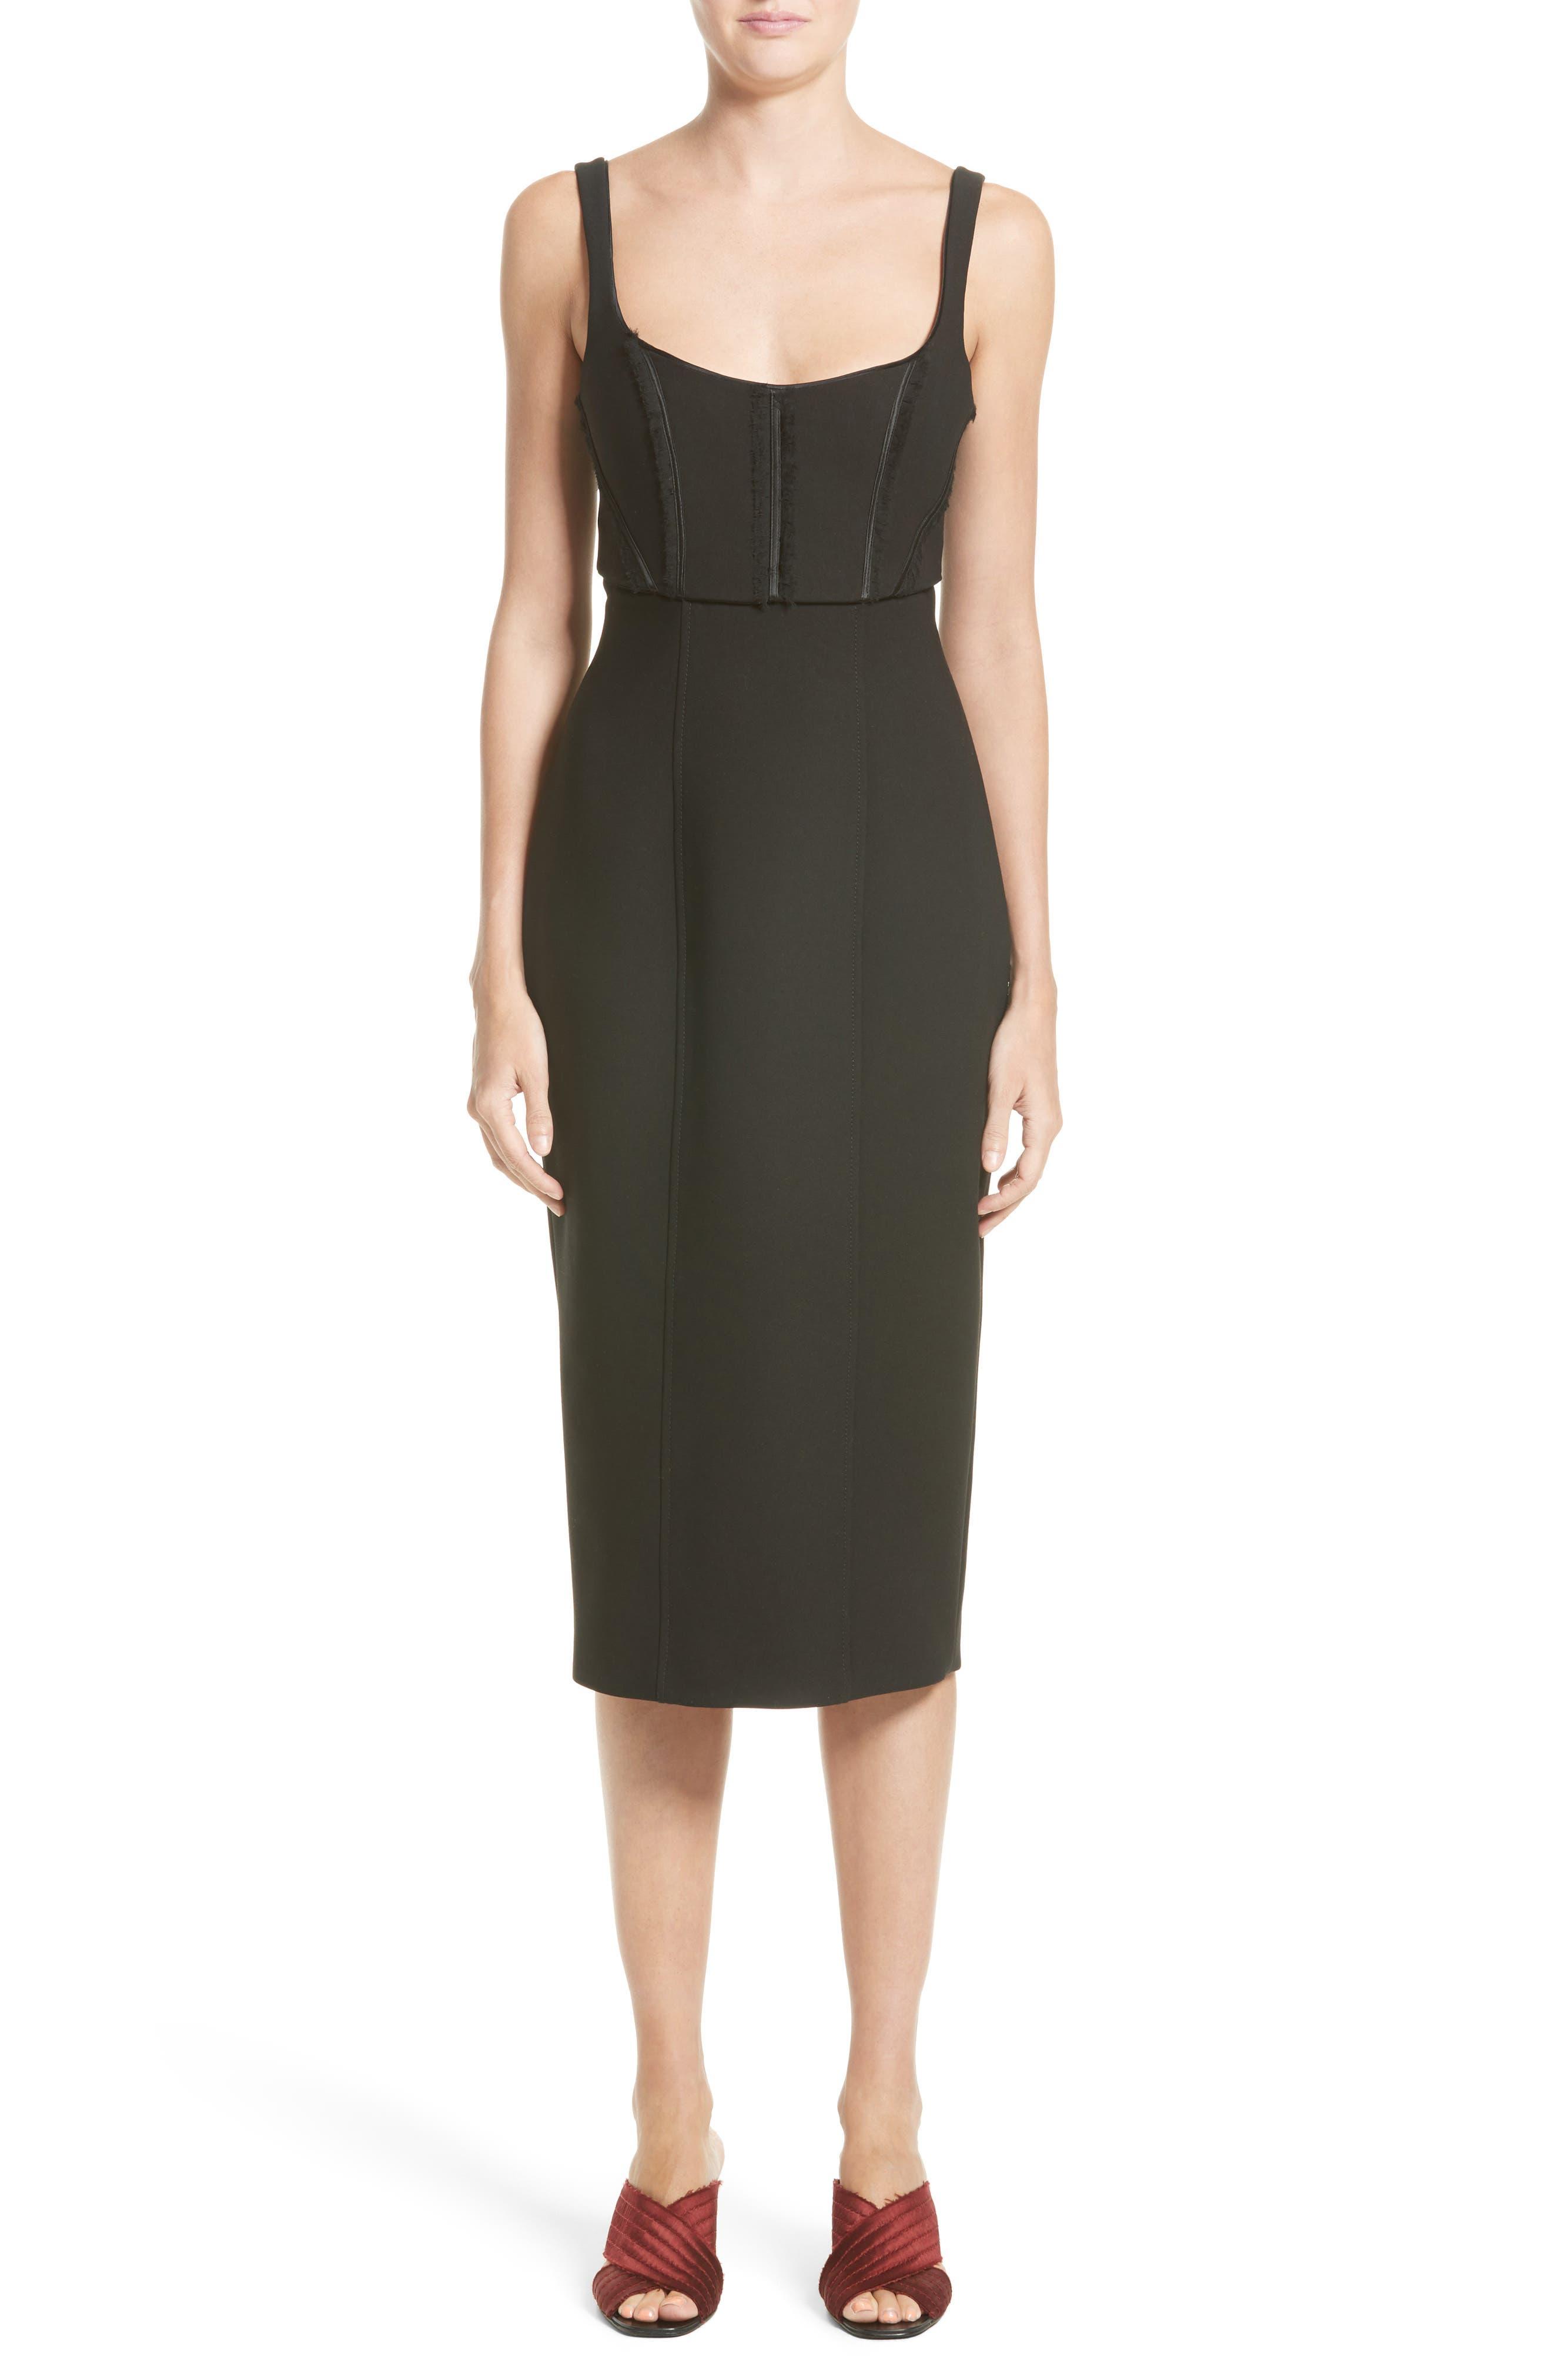 CINQ À SEPT Ellette Sheath Dress, Main, color, 001